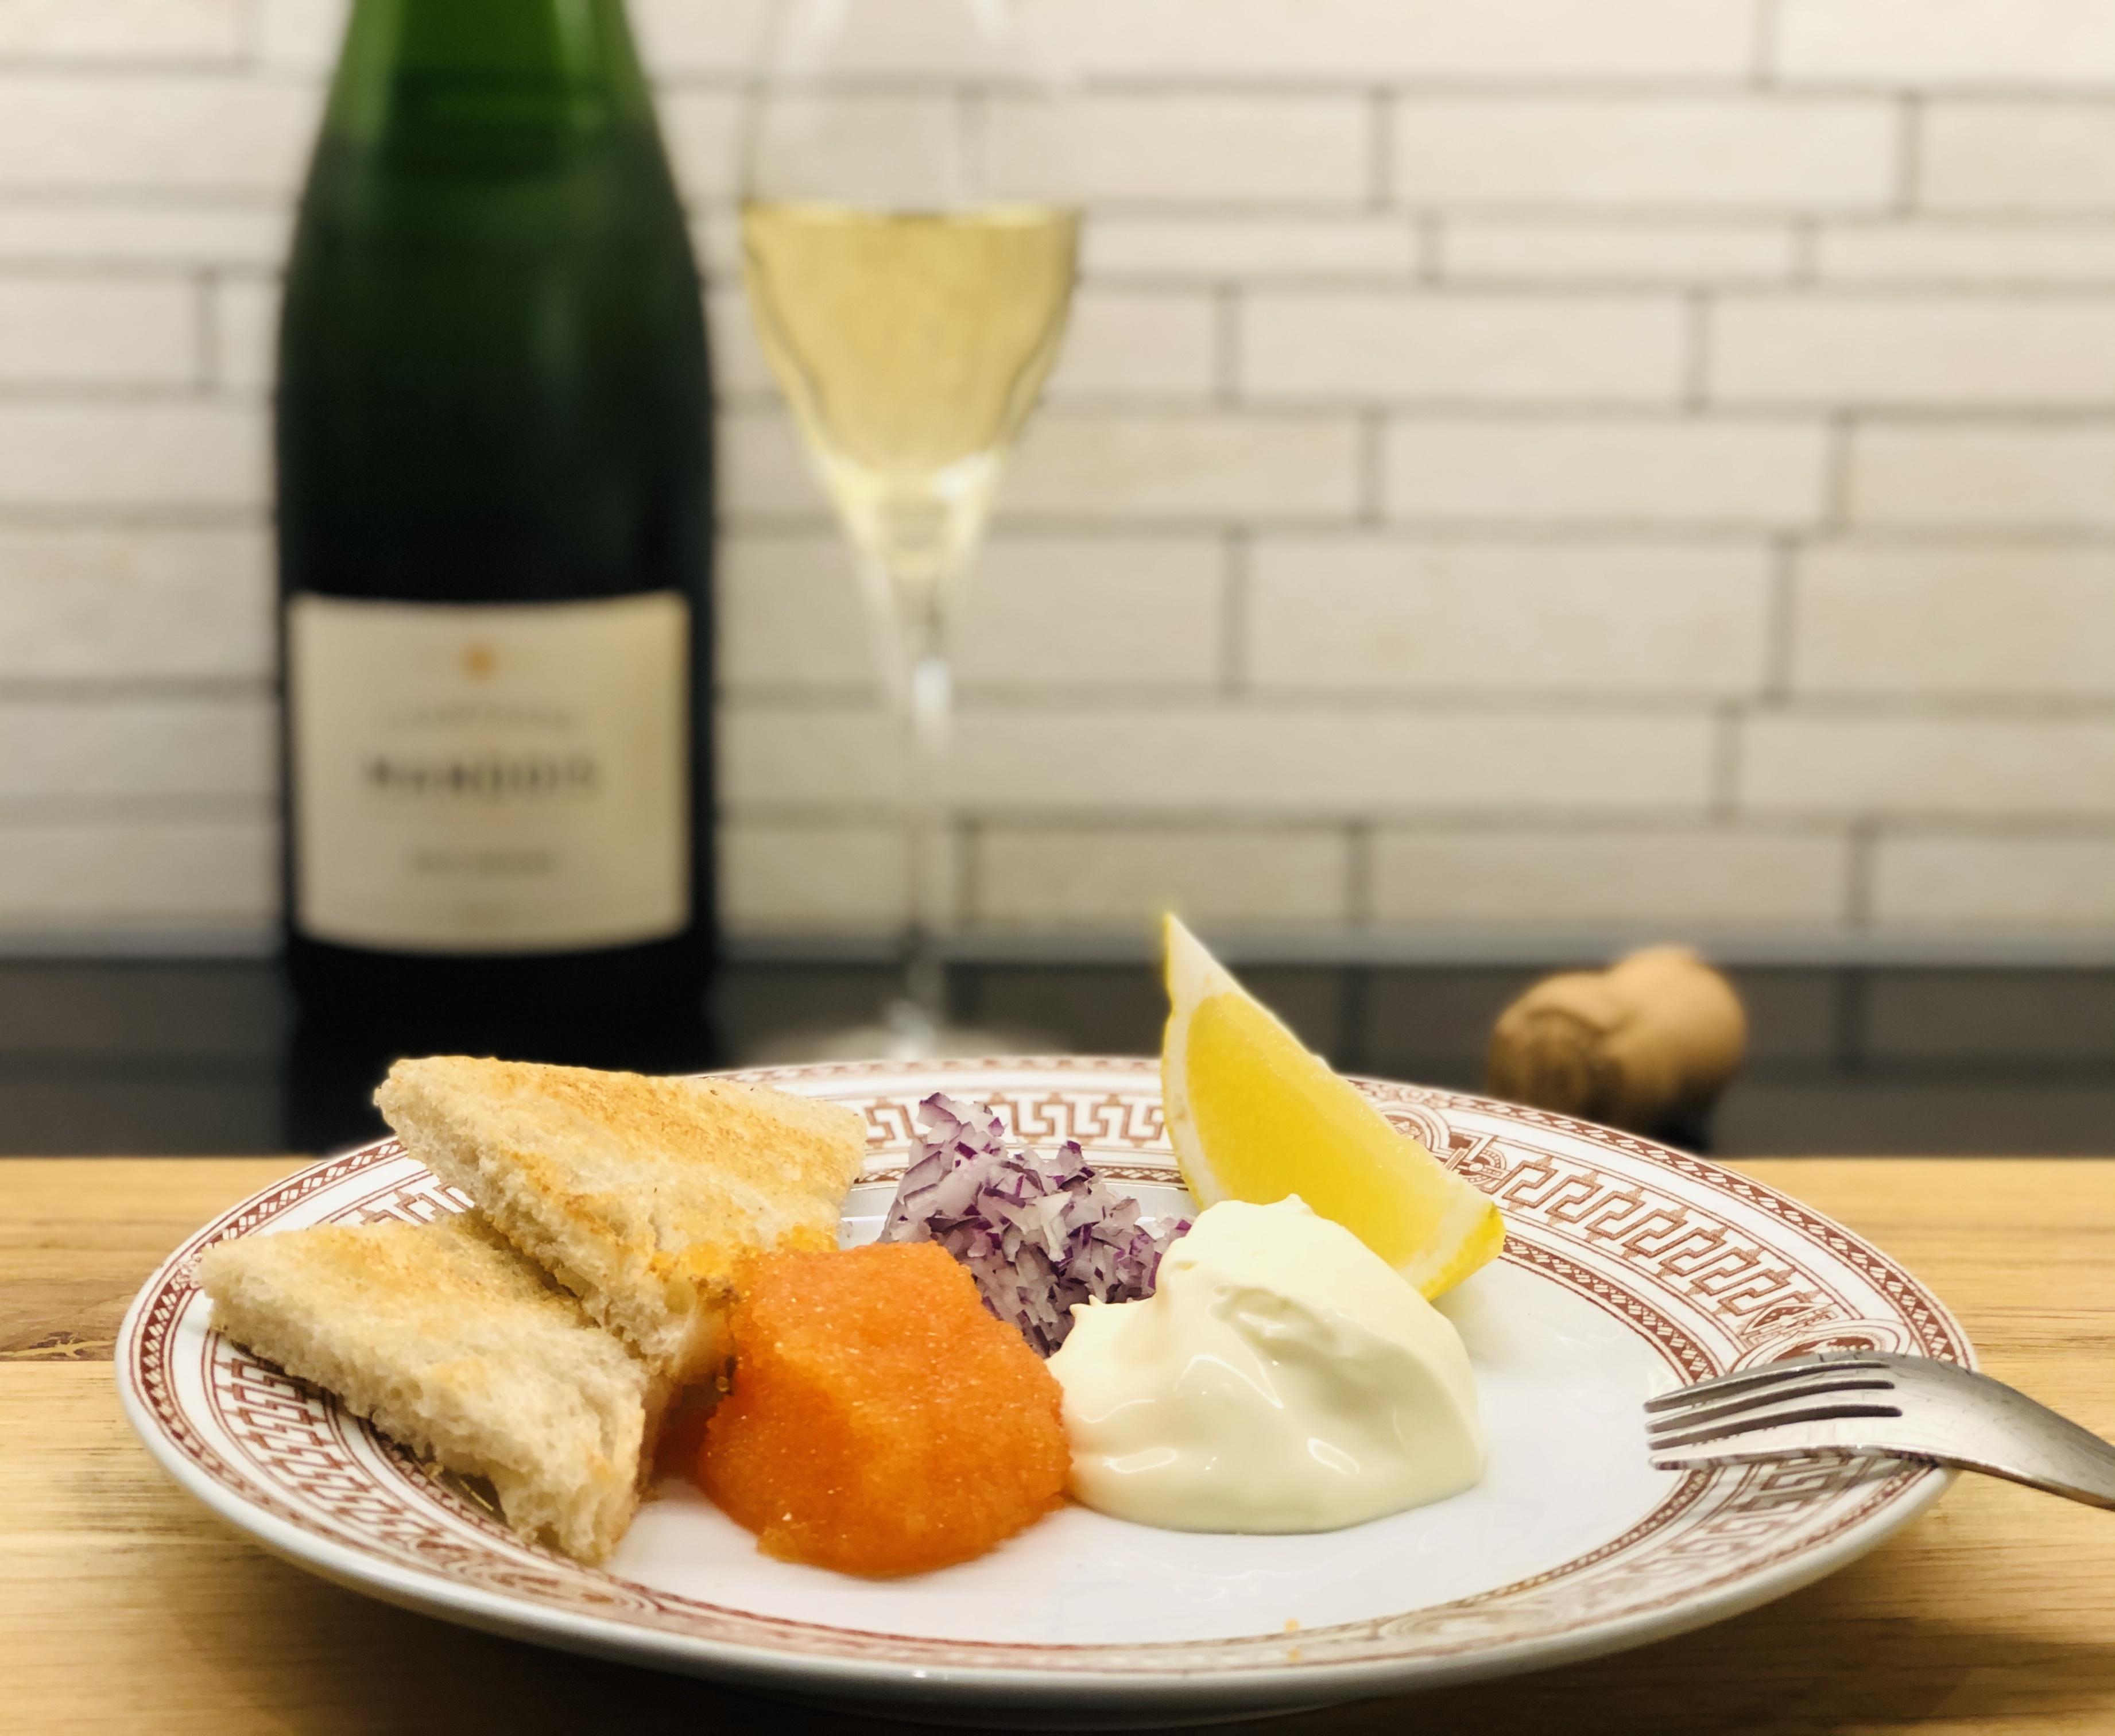 Löjrom Kalix tillbehör champagne